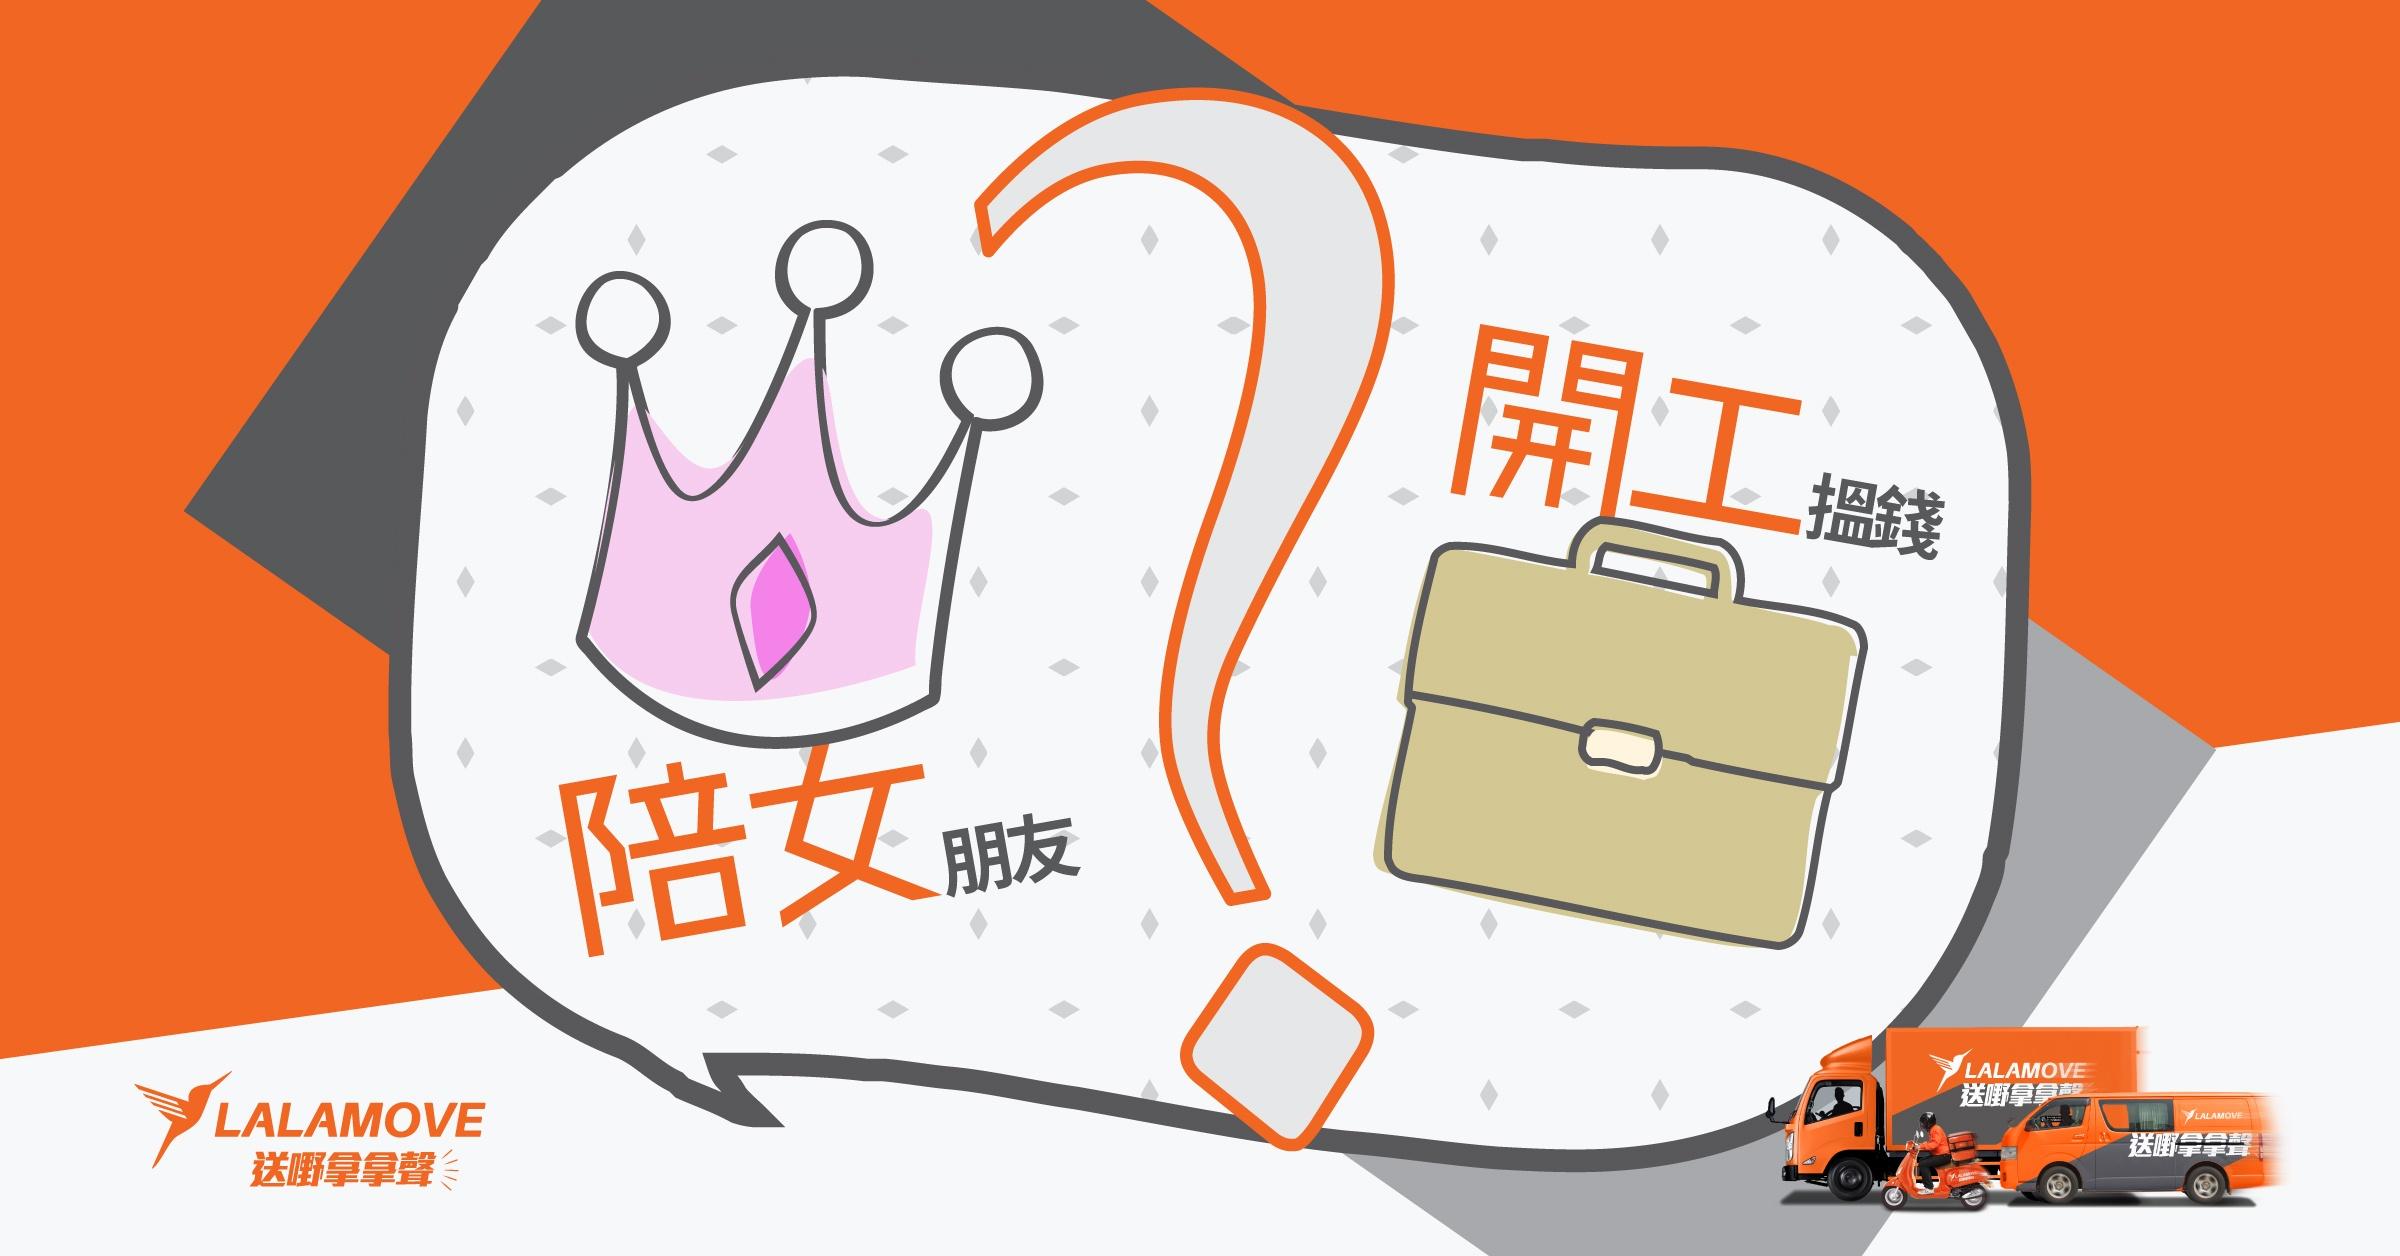 HK_fb_ad_driver_20180704-09